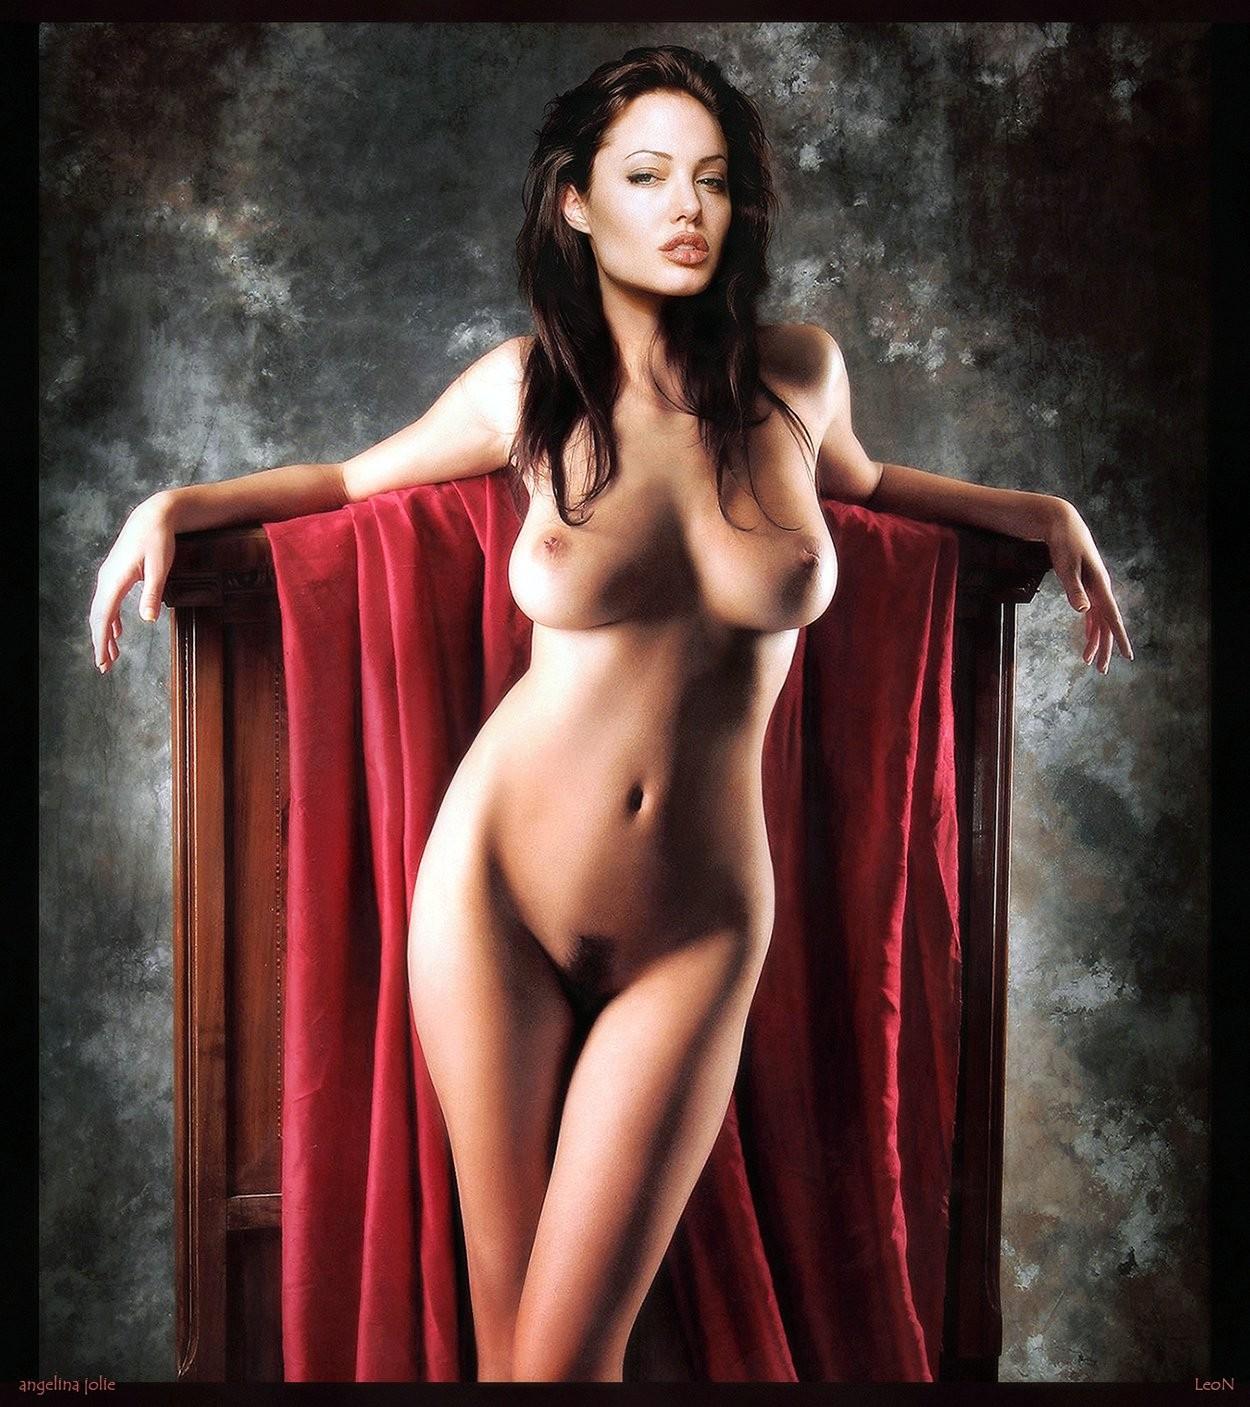 Naked hmong girl hottie